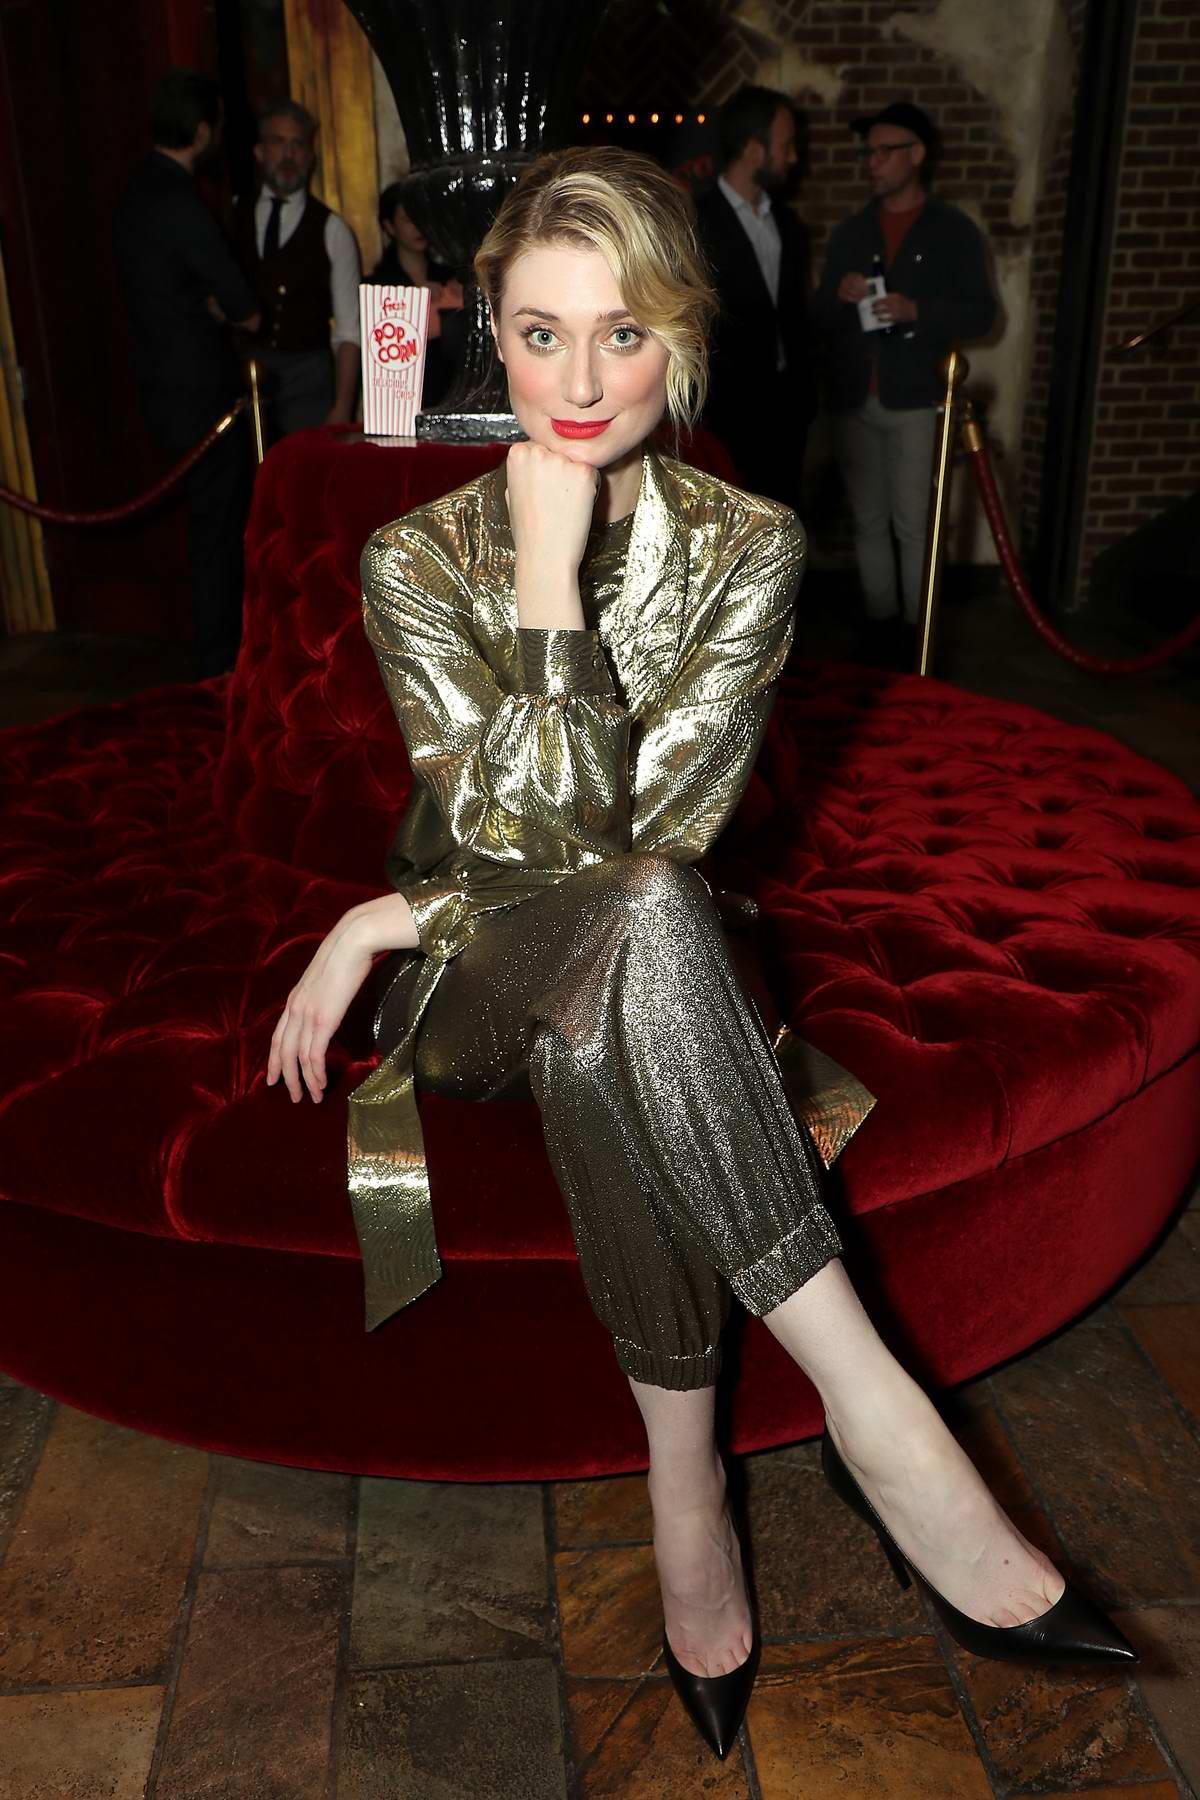 Elizabeth Debicki attends the Cinema Society screening of 'The Burnt Orange Heresy' in New York City